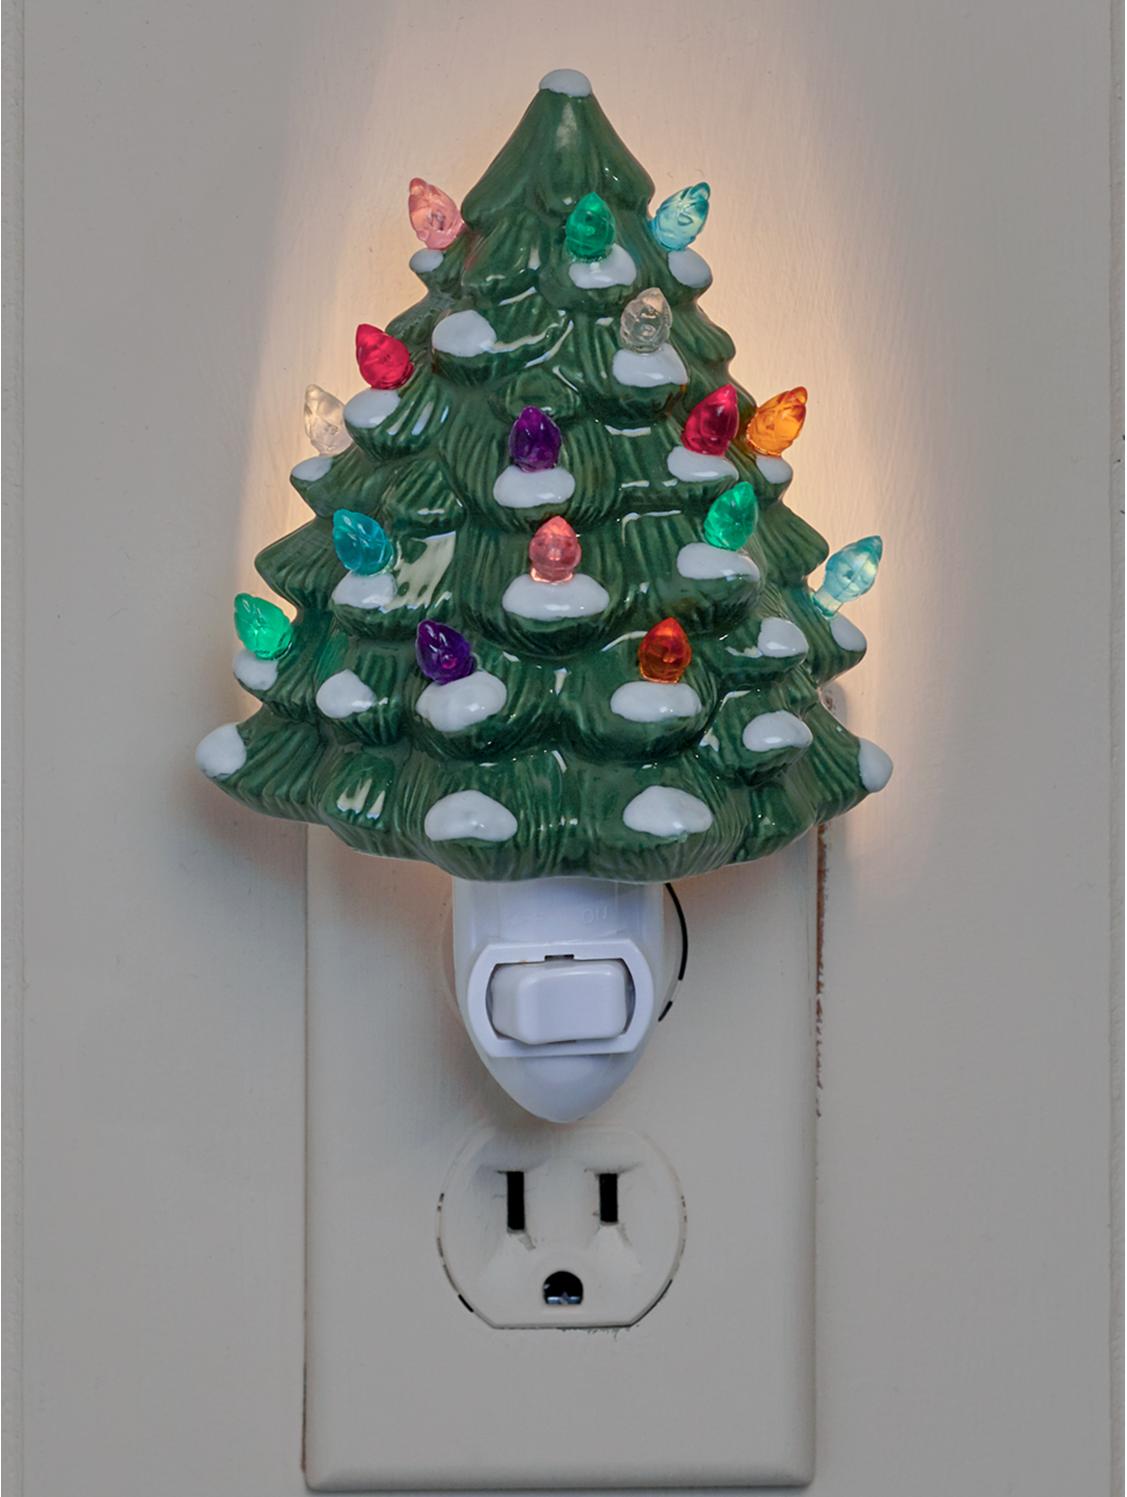 Ceramic Christmas Tree Night Light Christmas Tree Night Light Ceramic Christmas Trees Diy Christmas Lights